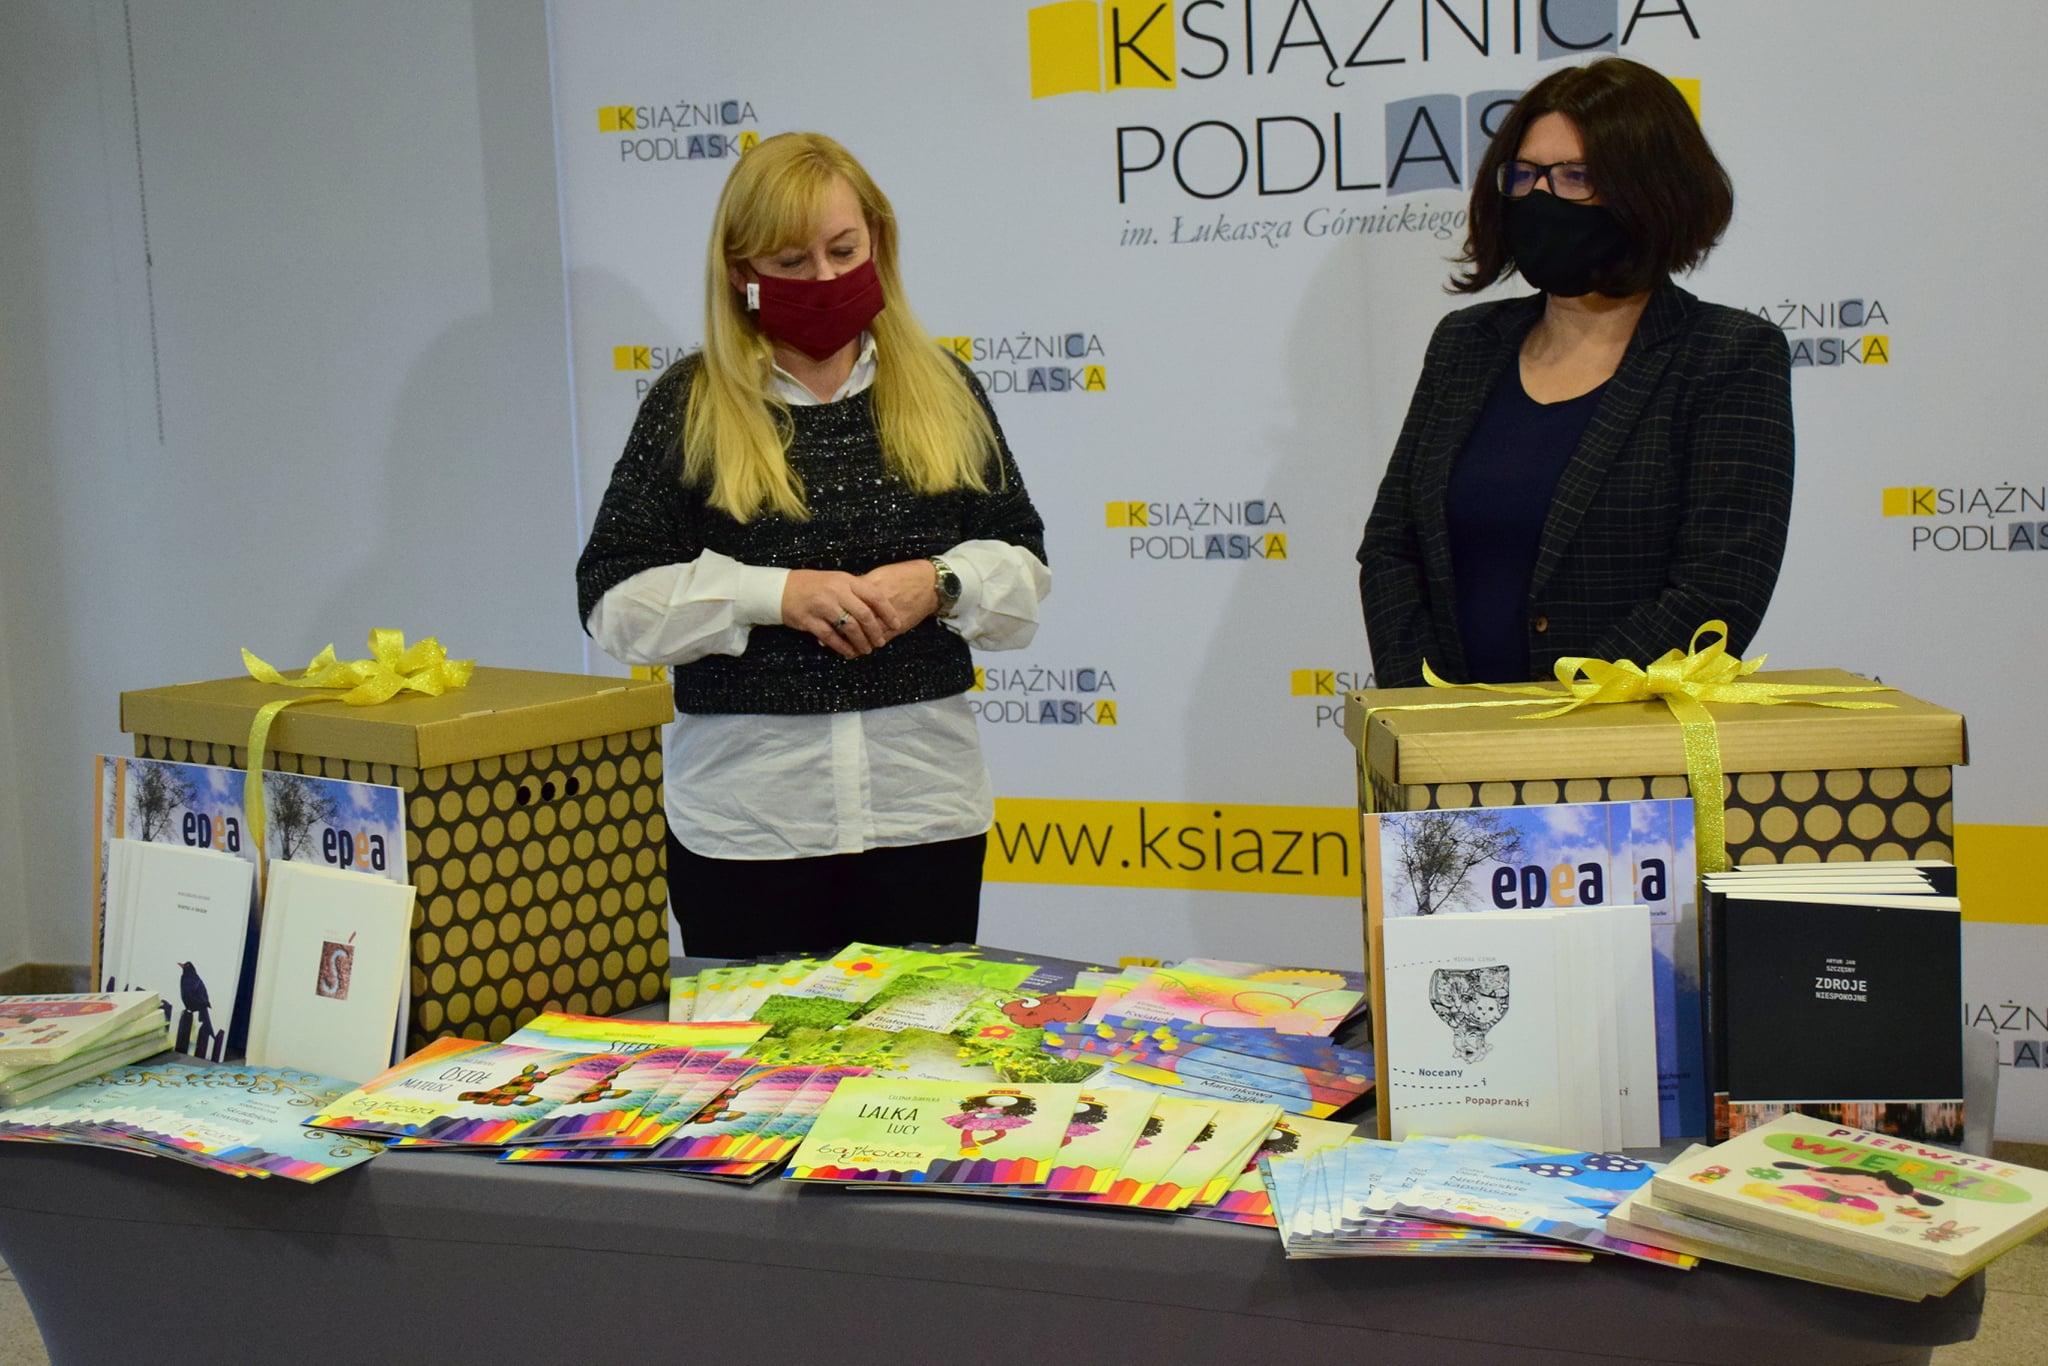 Dwie kobiety stoją za stołem, na którym ułożone są książki. Kobieta po lewej stronie ma długie, blond włosy i jest ubrane w czarne spodnie, białą koszulę i czarny sweterek. Kobieta po prawej stronie ma krótkie ciemne włosy, jest również ubrana na czarno. Za kobietami stoi baner z napisem Książnica Podlaska